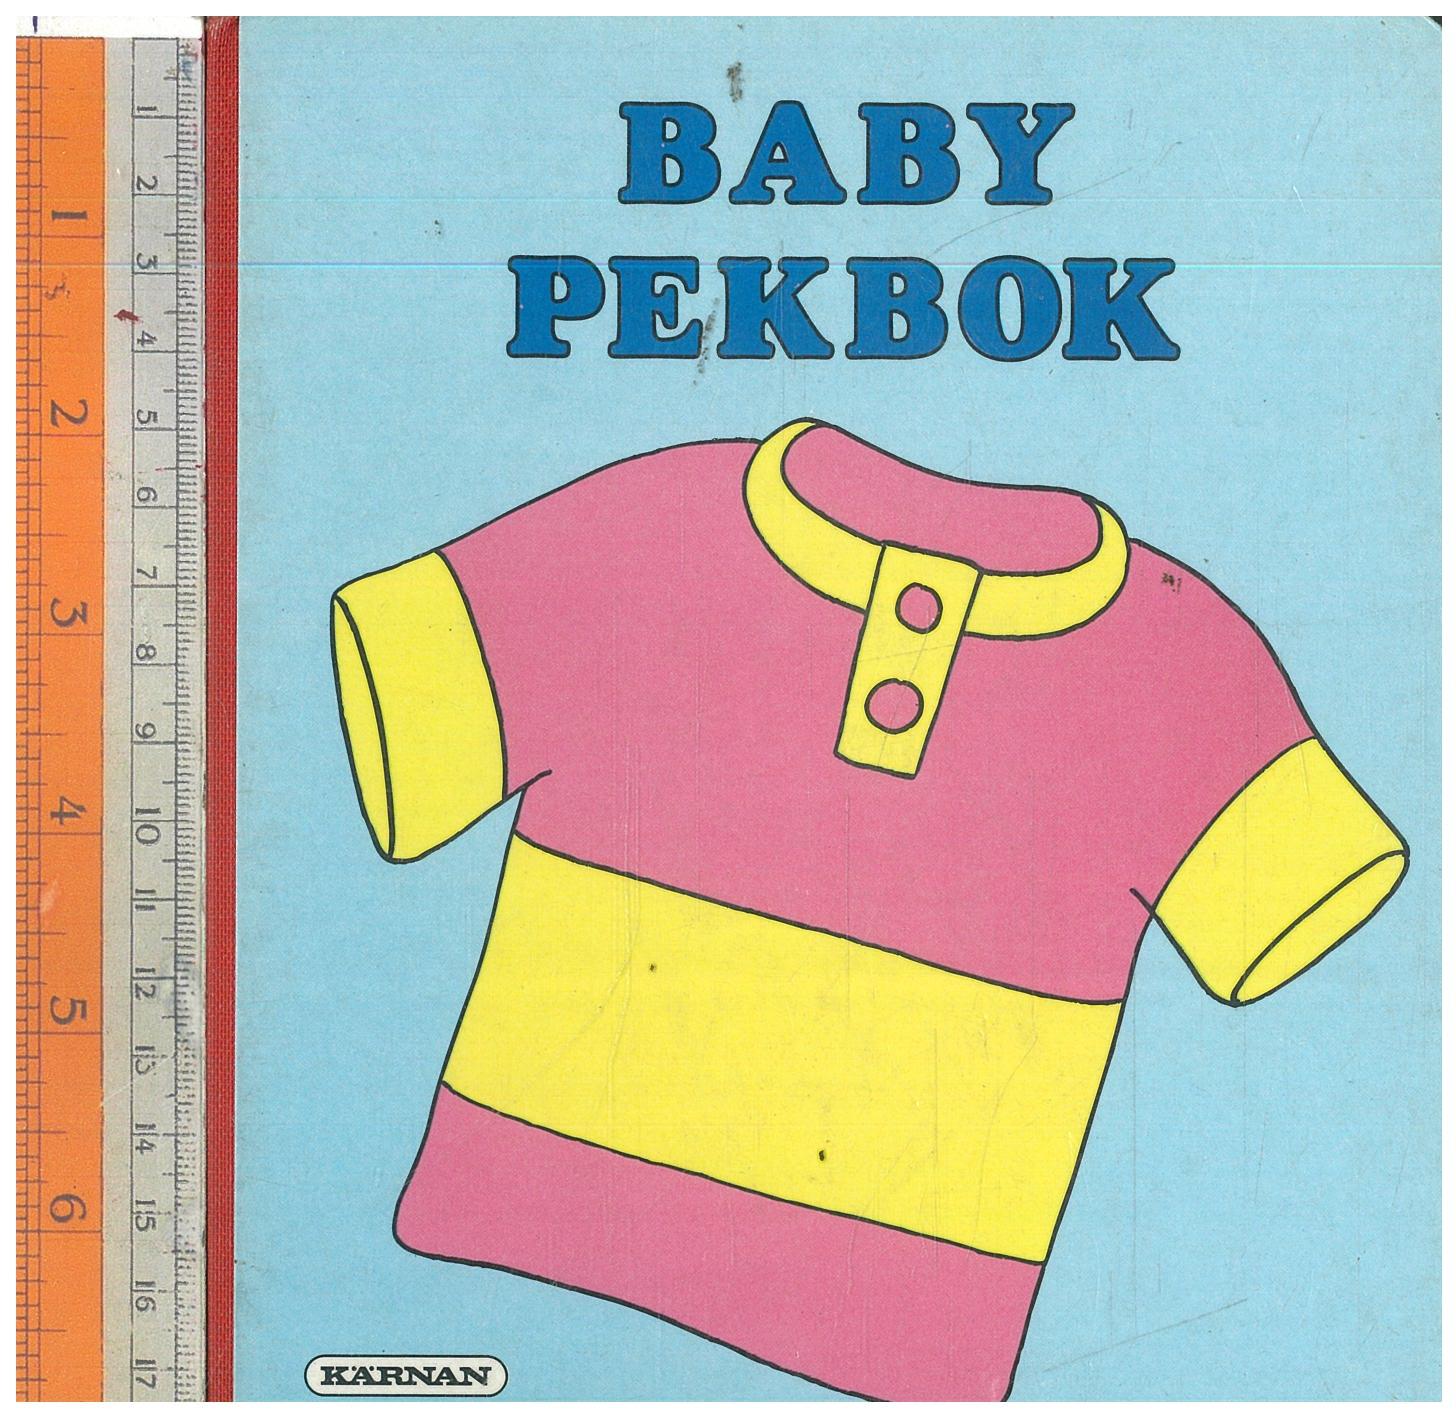 Baby Pekbok